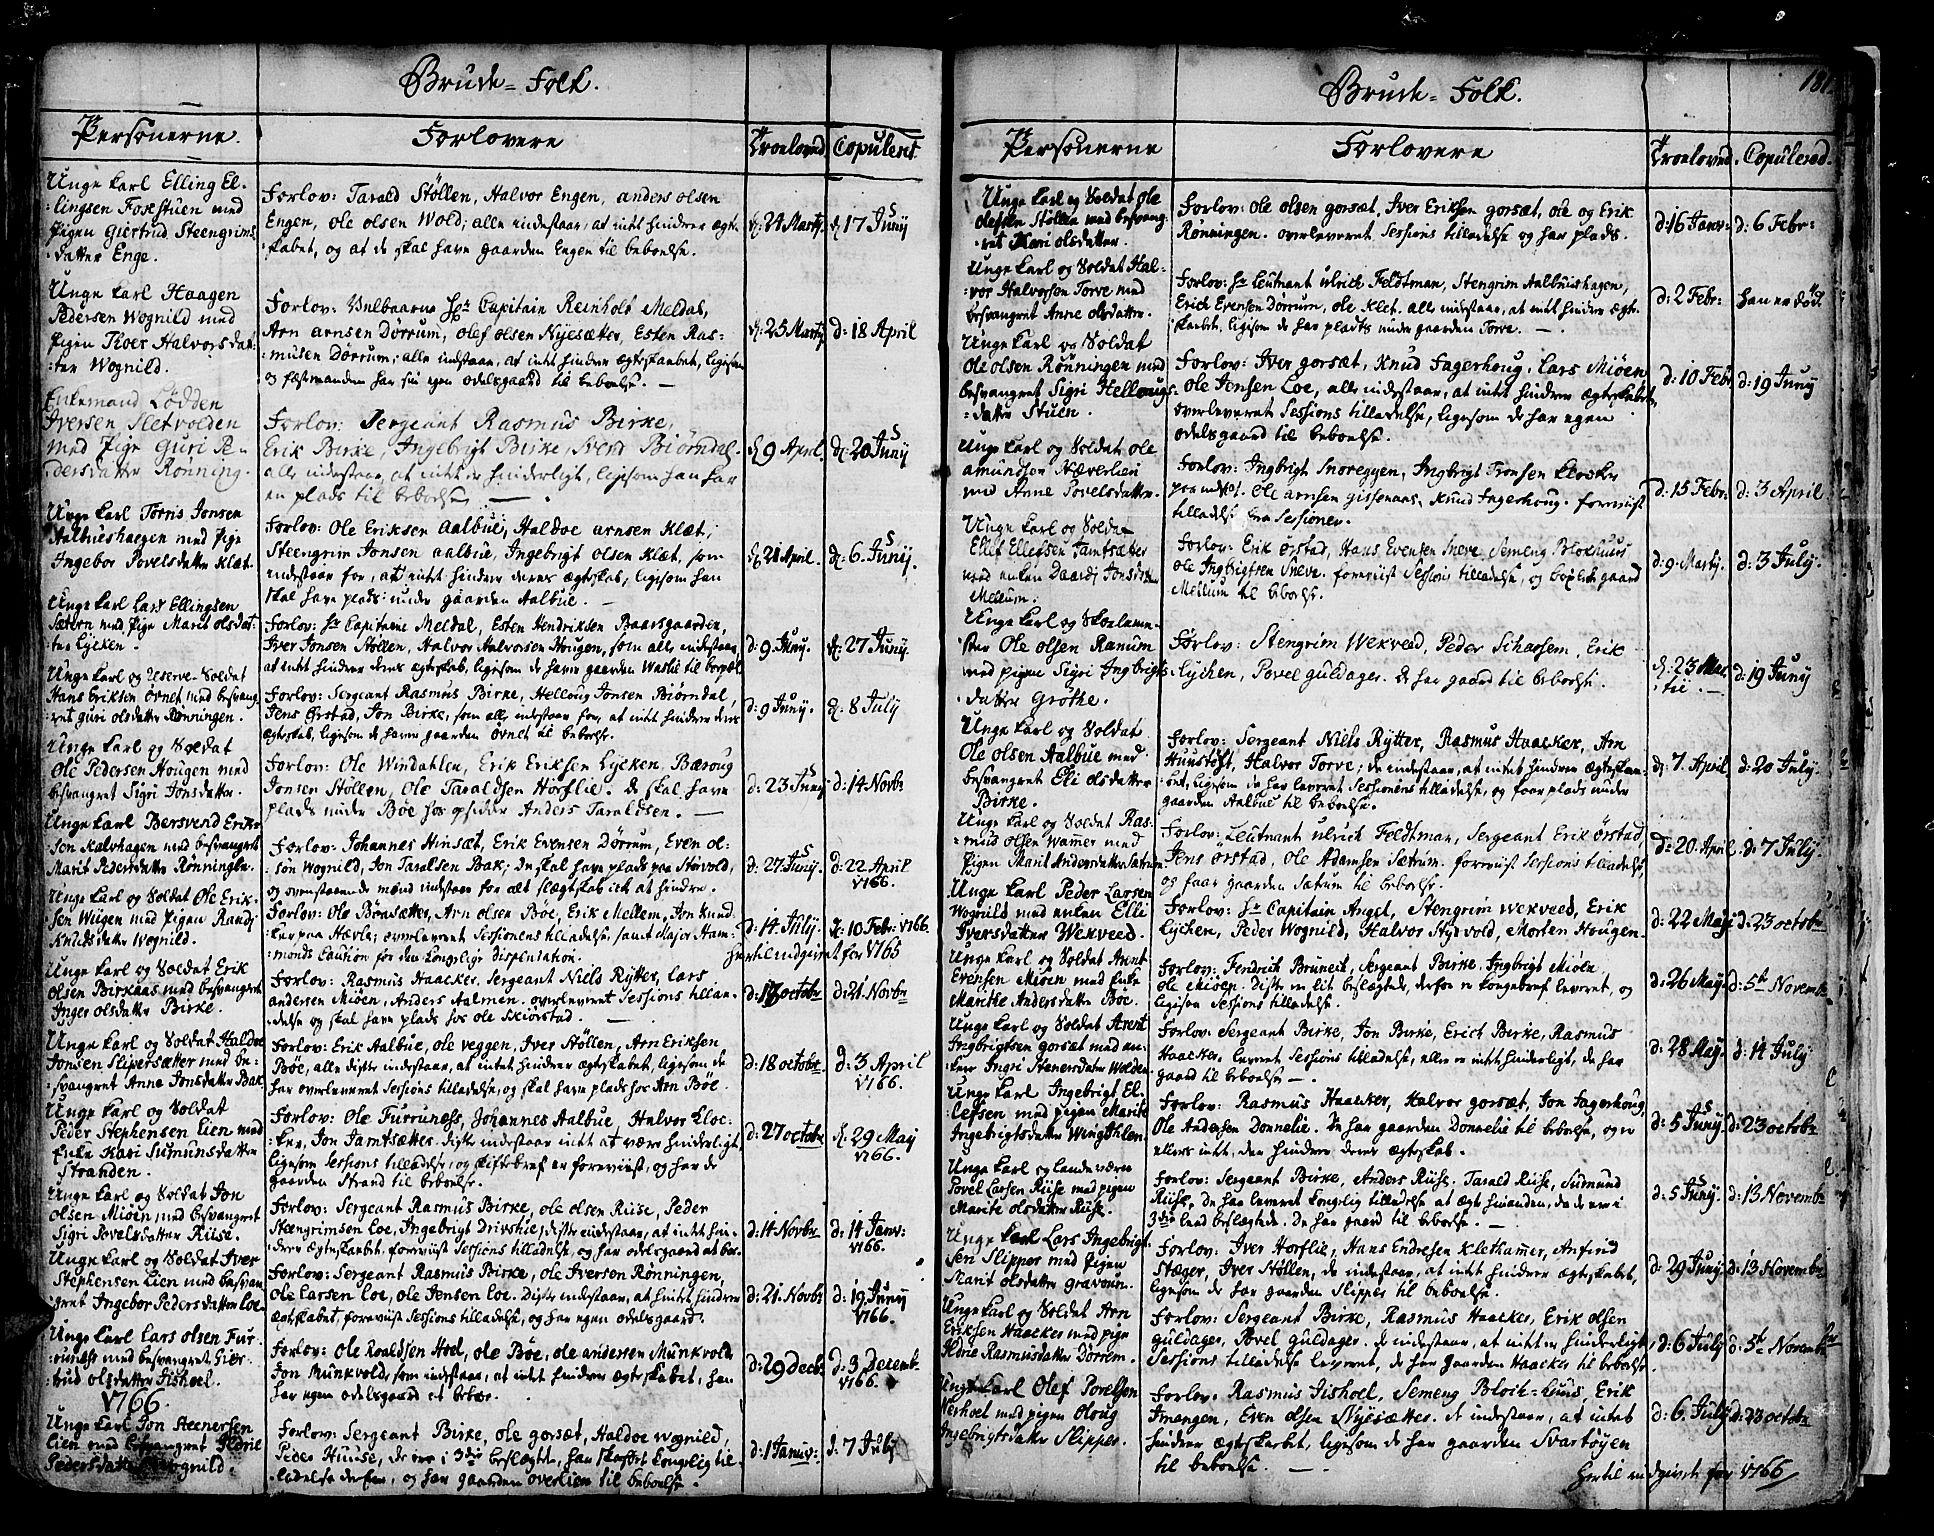 SAT, Ministerialprotokoller, klokkerbøker og fødselsregistre - Sør-Trøndelag, 678/L0891: Ministerialbok nr. 678A01, 1739-1780, s. 181